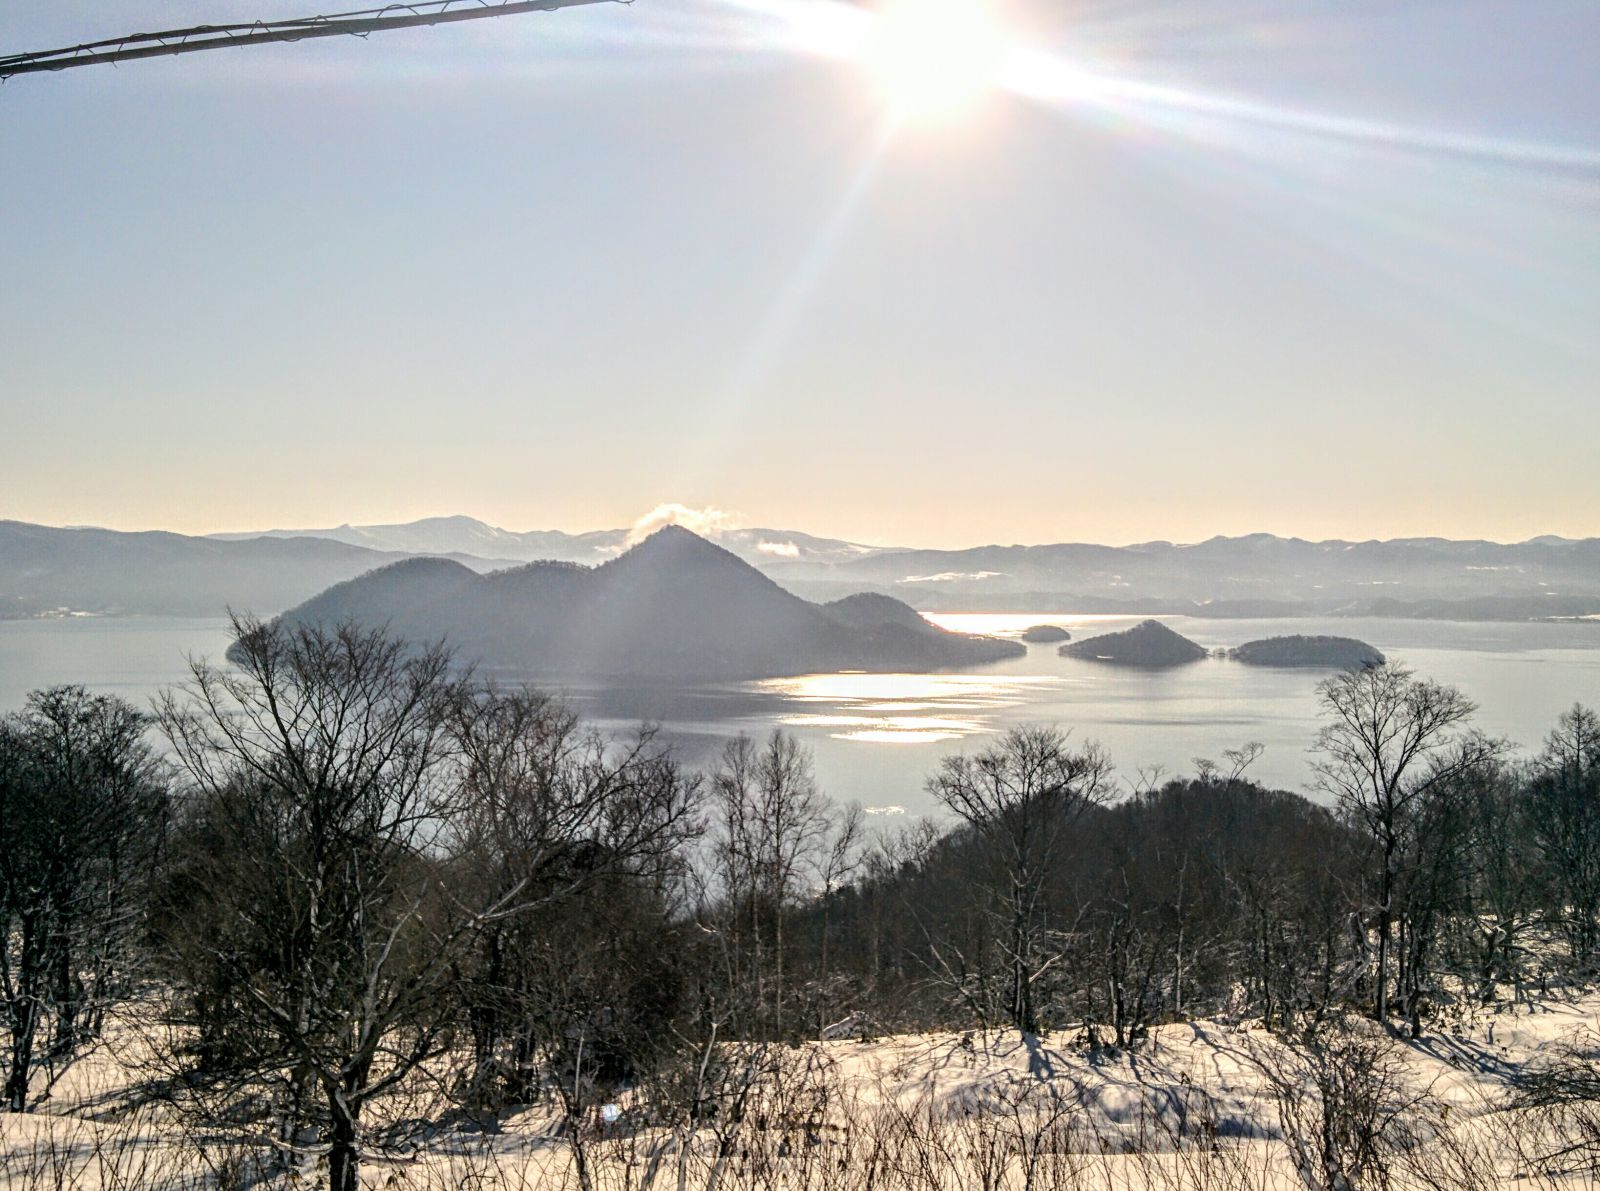 【洞爺湖温泉での観光タクシー】冬の洞爺湖観光案内です。